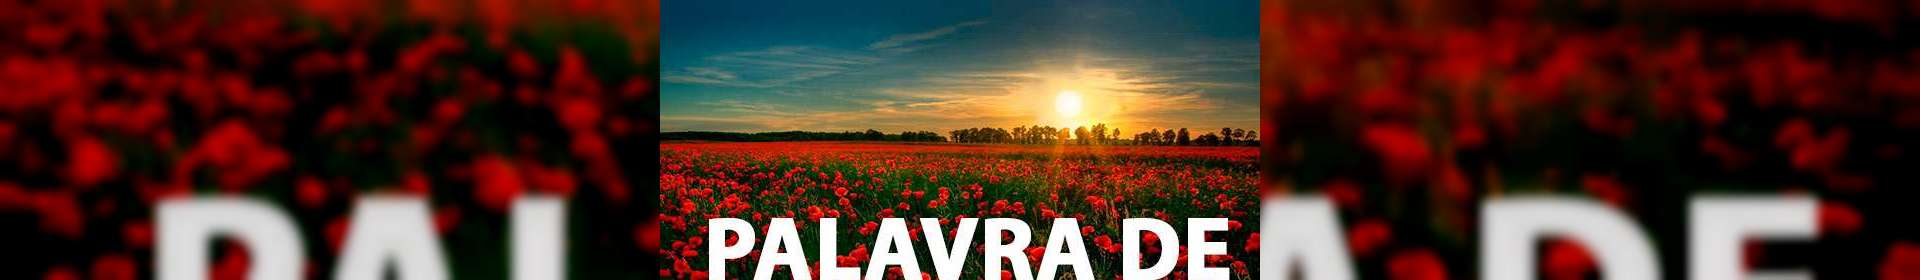 Salmos 34:8 - Uma Palavra de Esperança para sua vida